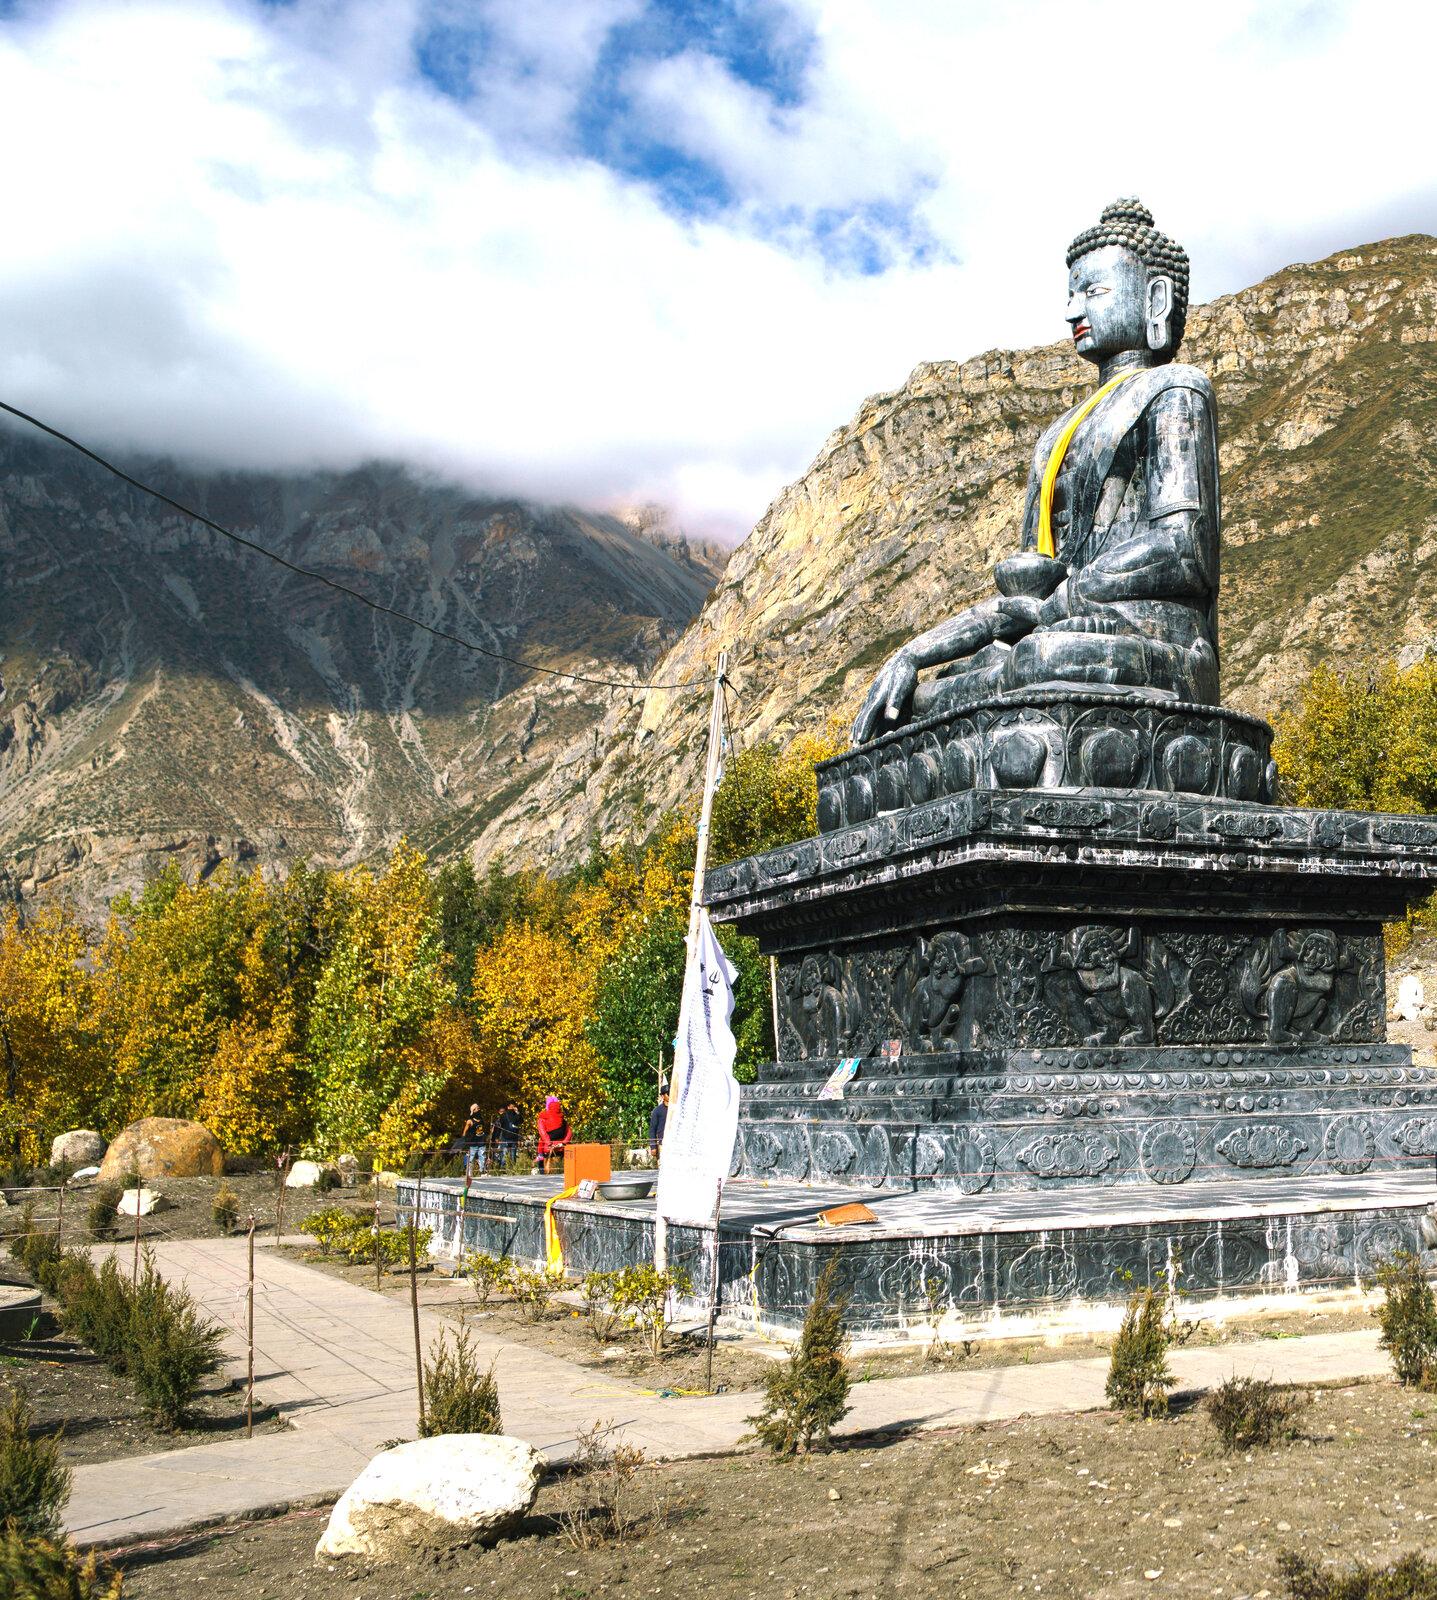 kousek od komplexu kláštera je monumentální socha Buddhy.